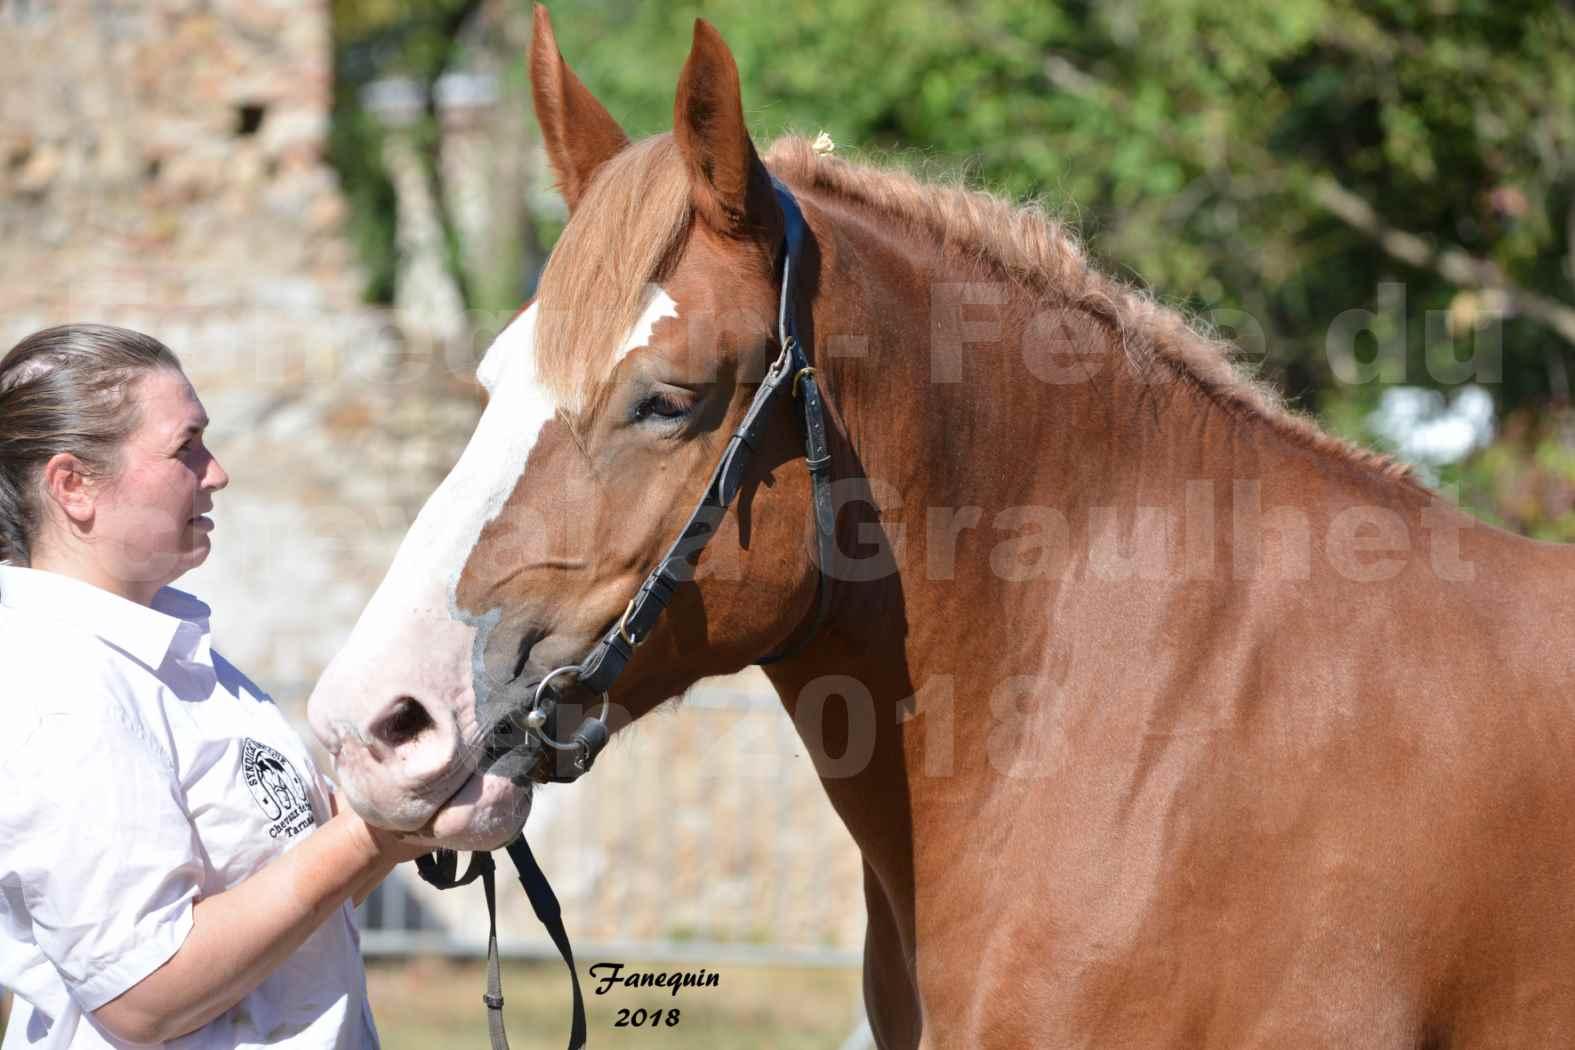 Fête du cheval à GRAULHET le 16 septembre 2018 - Concours Départemental de chevaux de traits - Portraits - 1